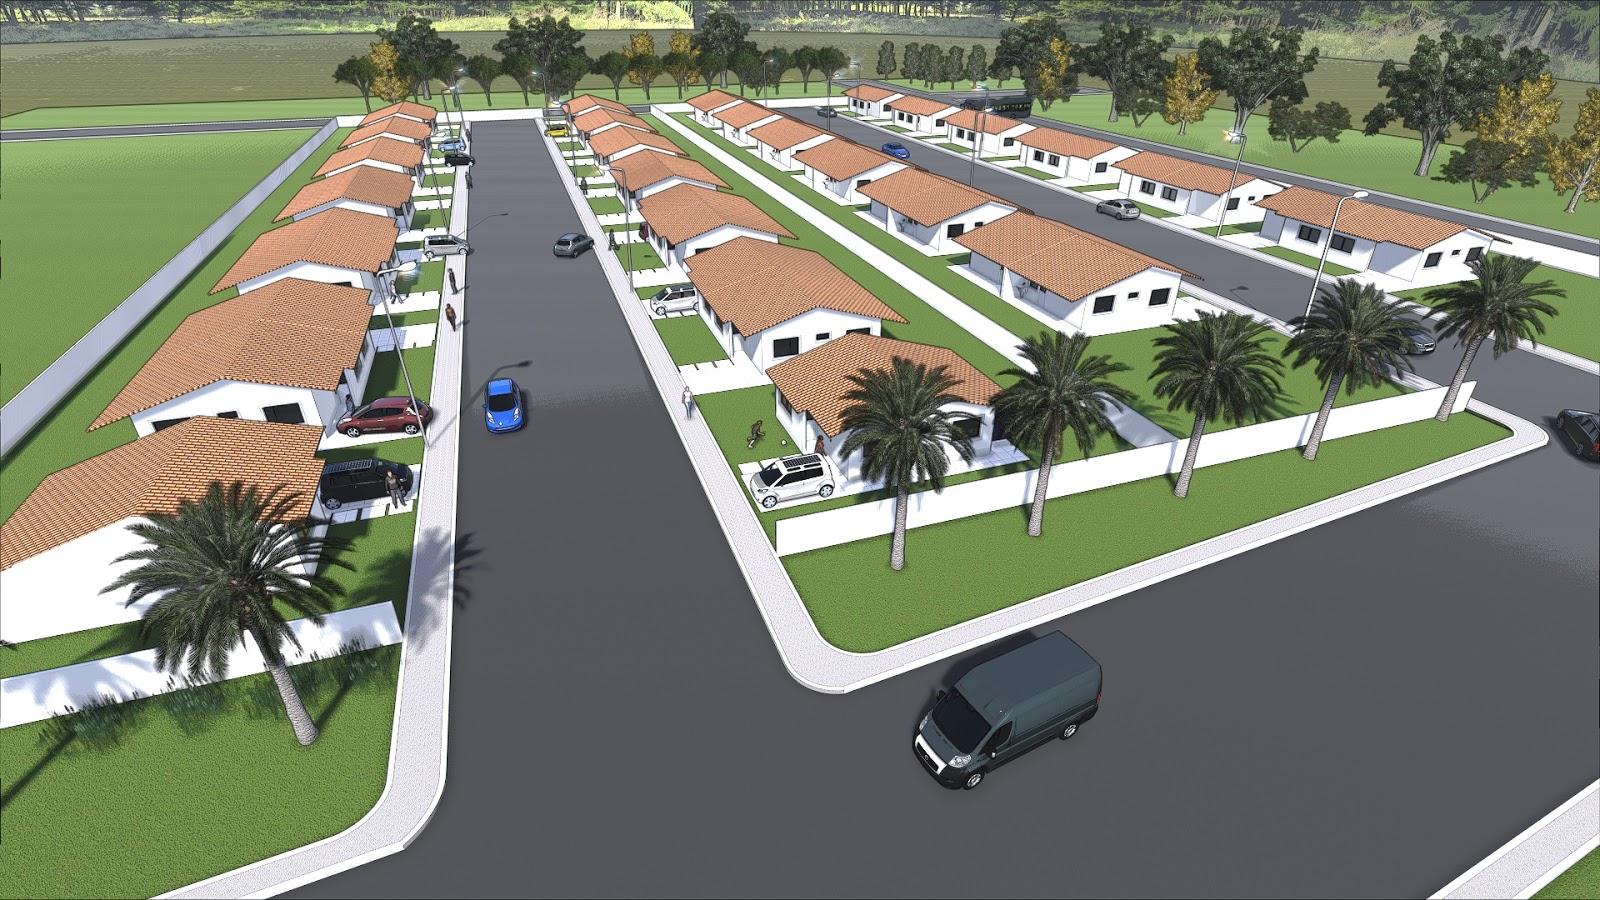 #8D5C3E 48 m² metros dois quantos salas cozinha e banheiro 1600x900 px Projeto Cozinha Comunitária Governo Federal_4147 Imagens